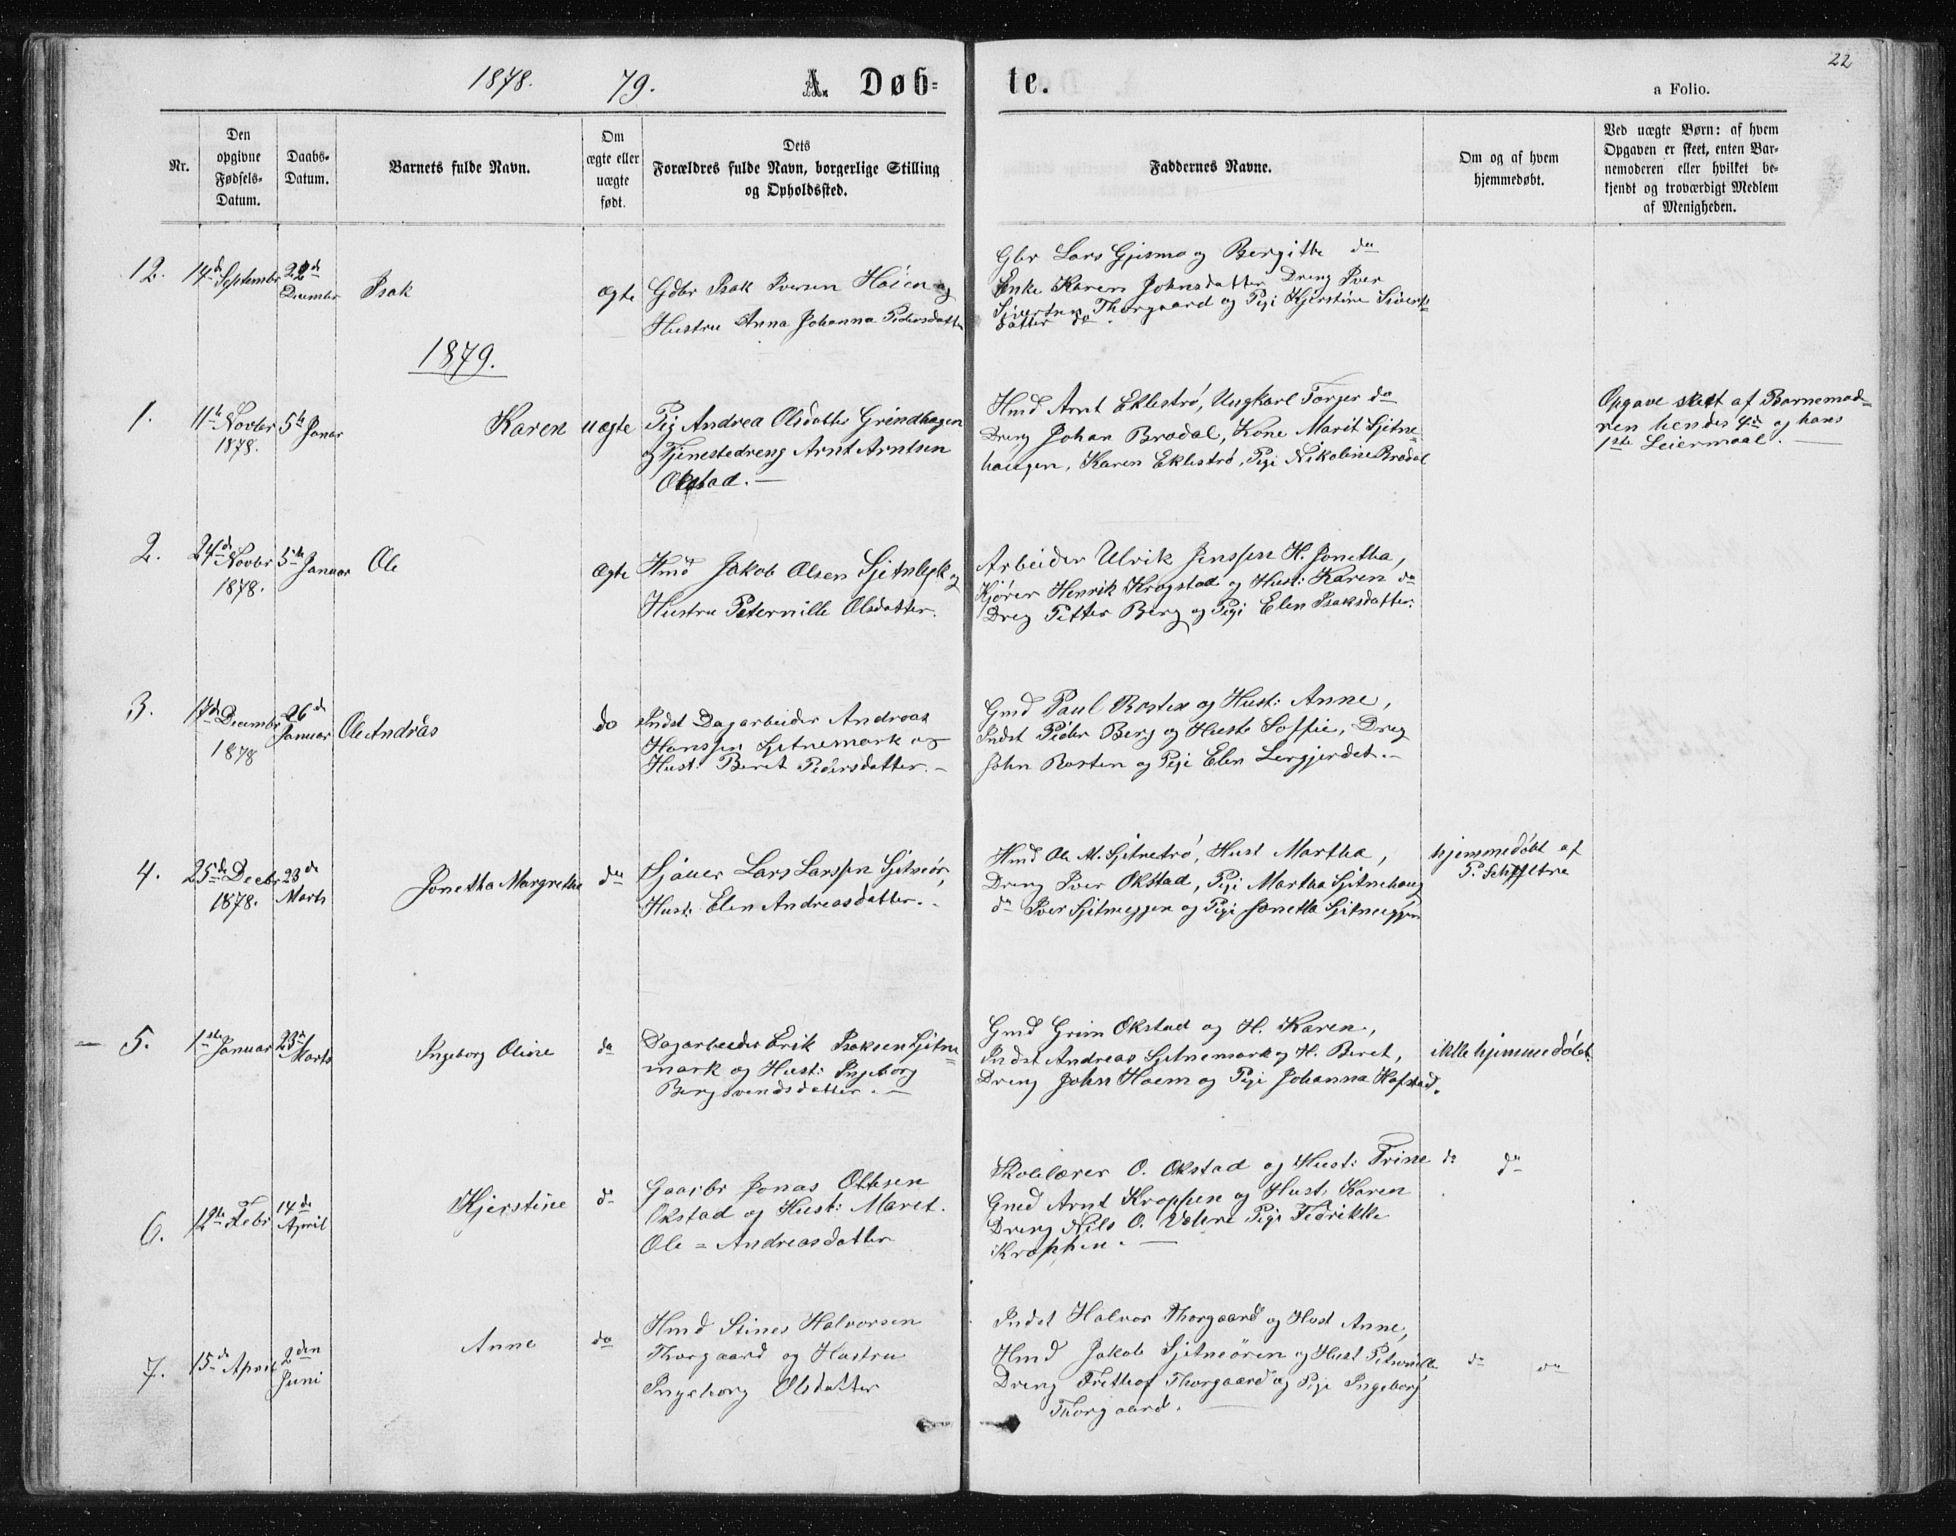 SAT, Ministerialprotokoller, klokkerbøker og fødselsregistre - Sør-Trøndelag, 621/L0459: Klokkerbok nr. 621C02, 1866-1895, s. 22